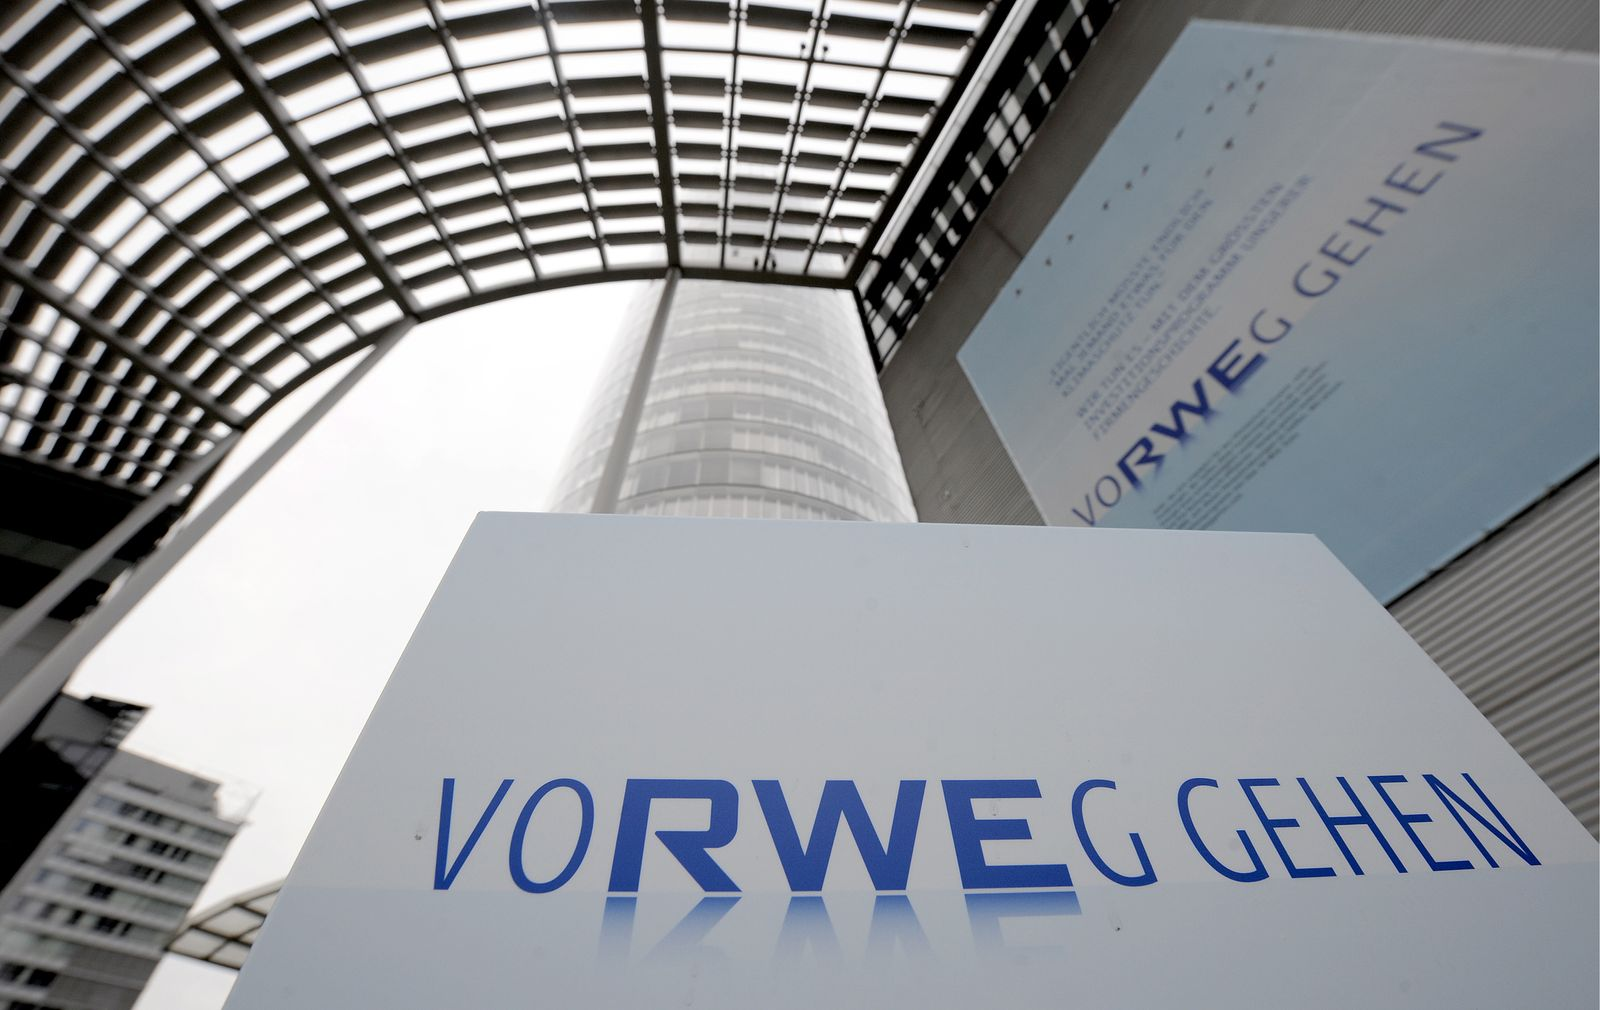 NICHT VERWENDEN RWE Logo / Slogan